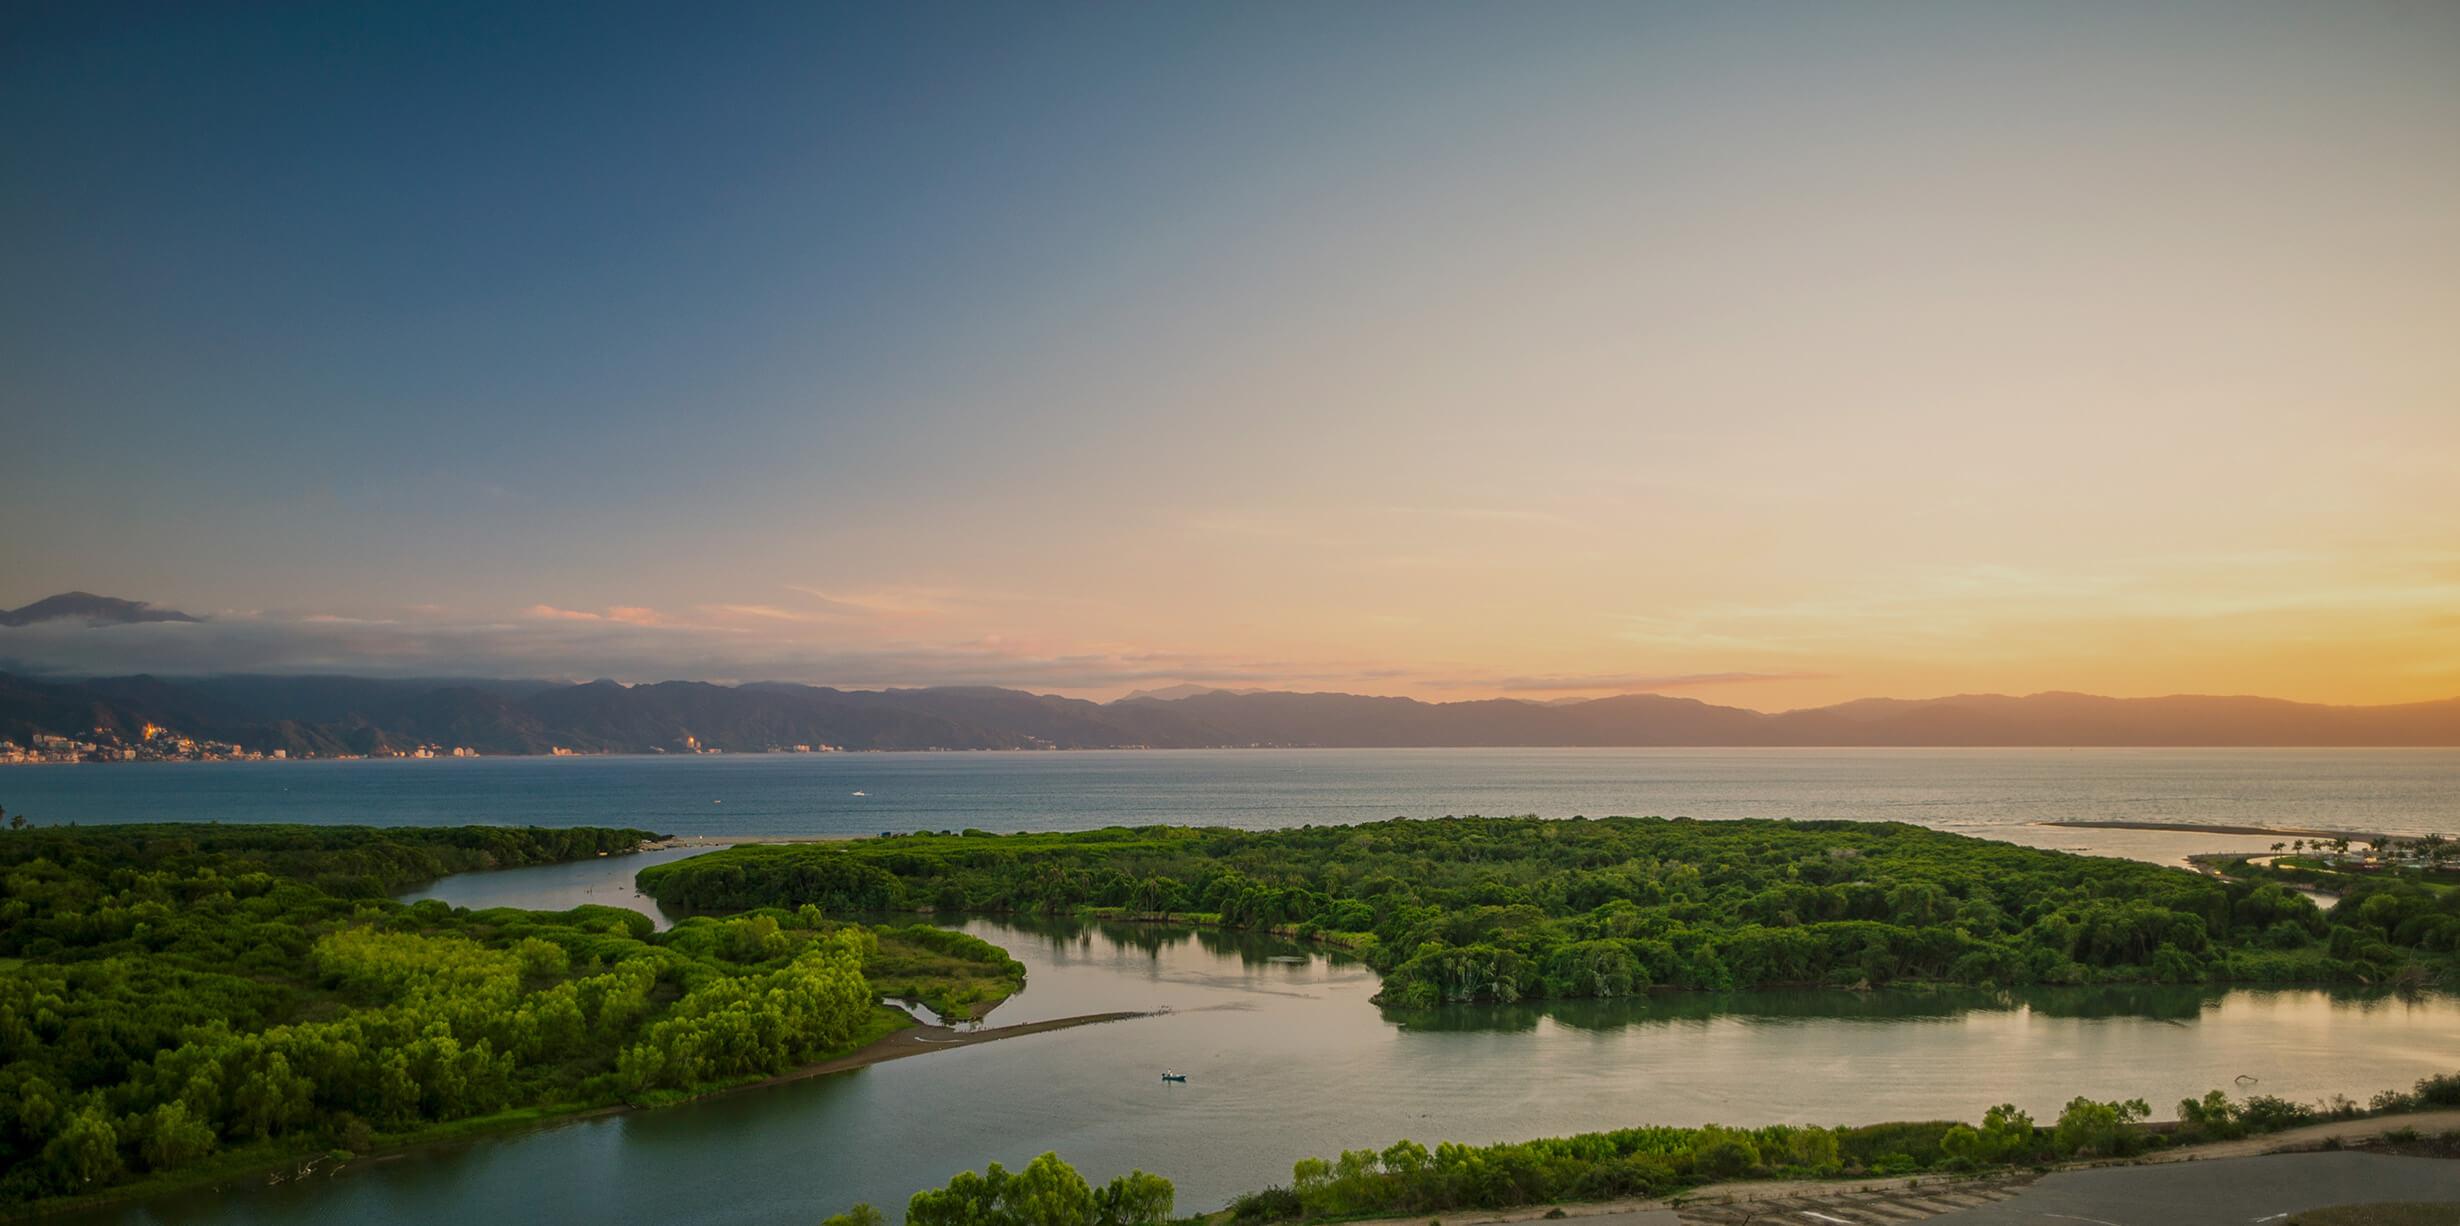 Protecting the Mangroves at Bird Island